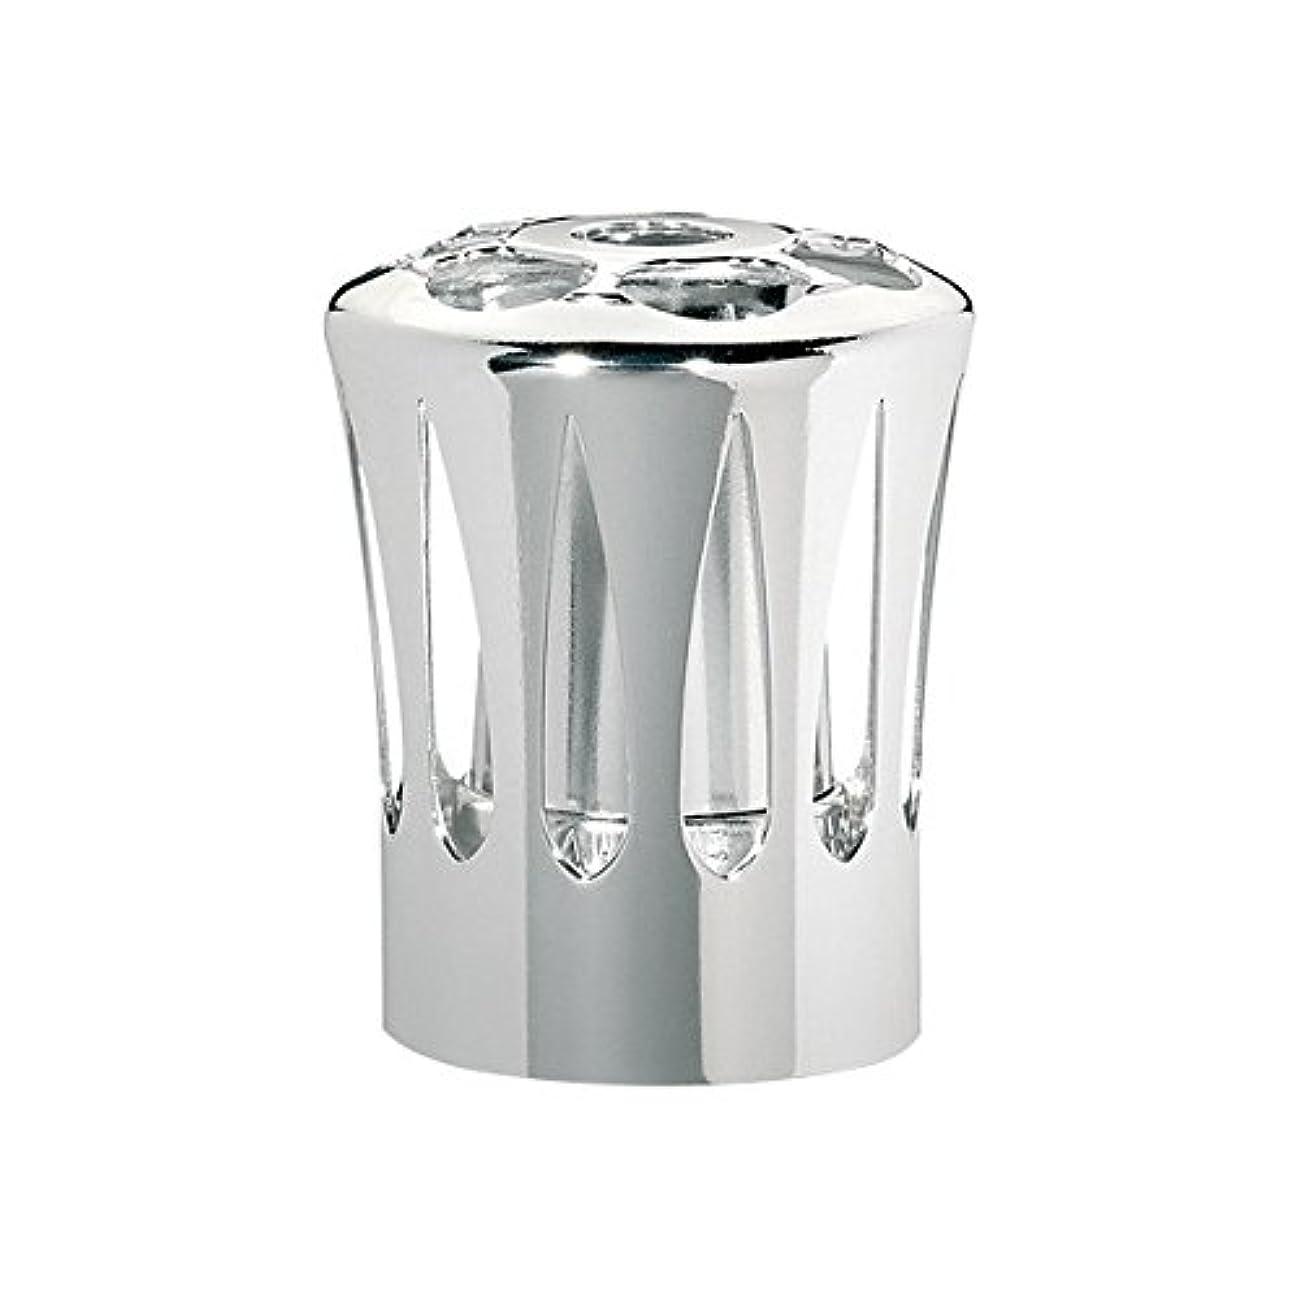 バージンご注意欲望ランプベルジェ(LAMPE BERGER) 安全キャップ【正規輸入品】飾り蓋シルバー